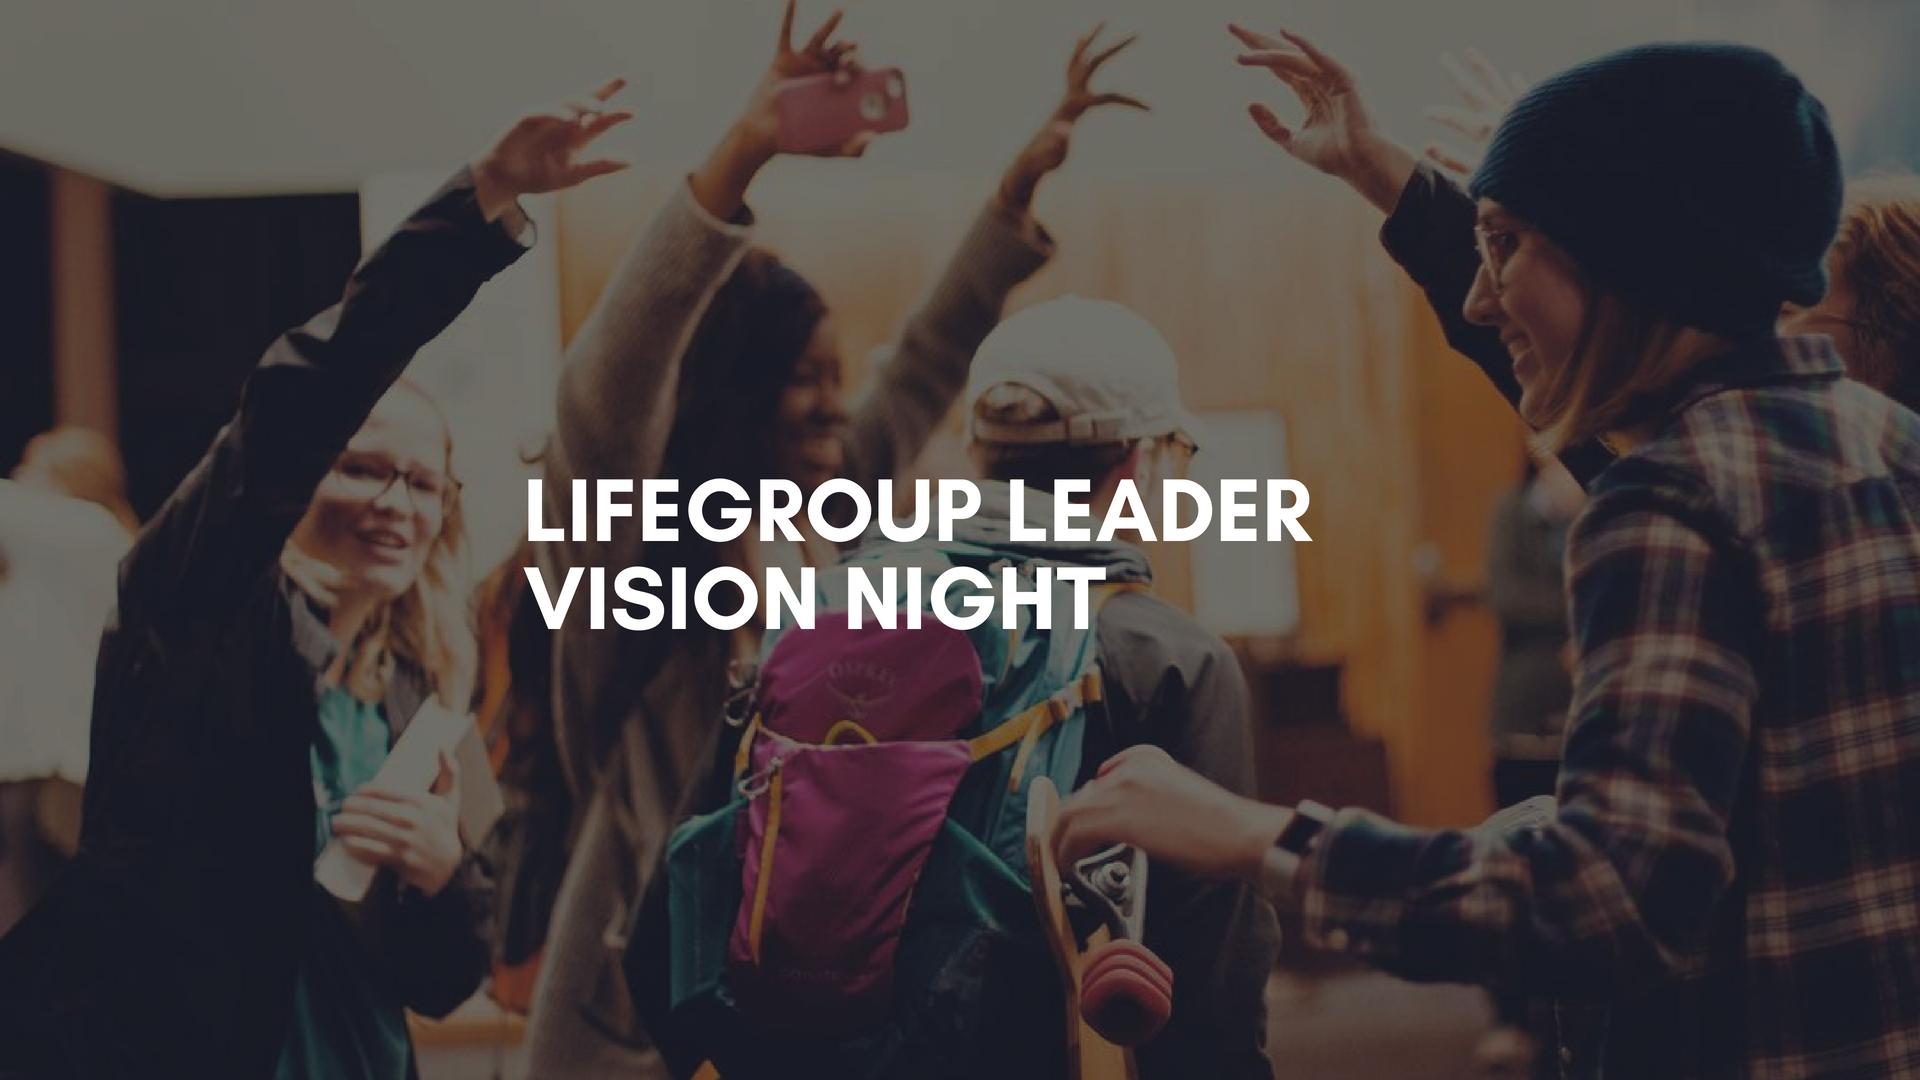 Lifegroup Leader Vision Night Presentation.png